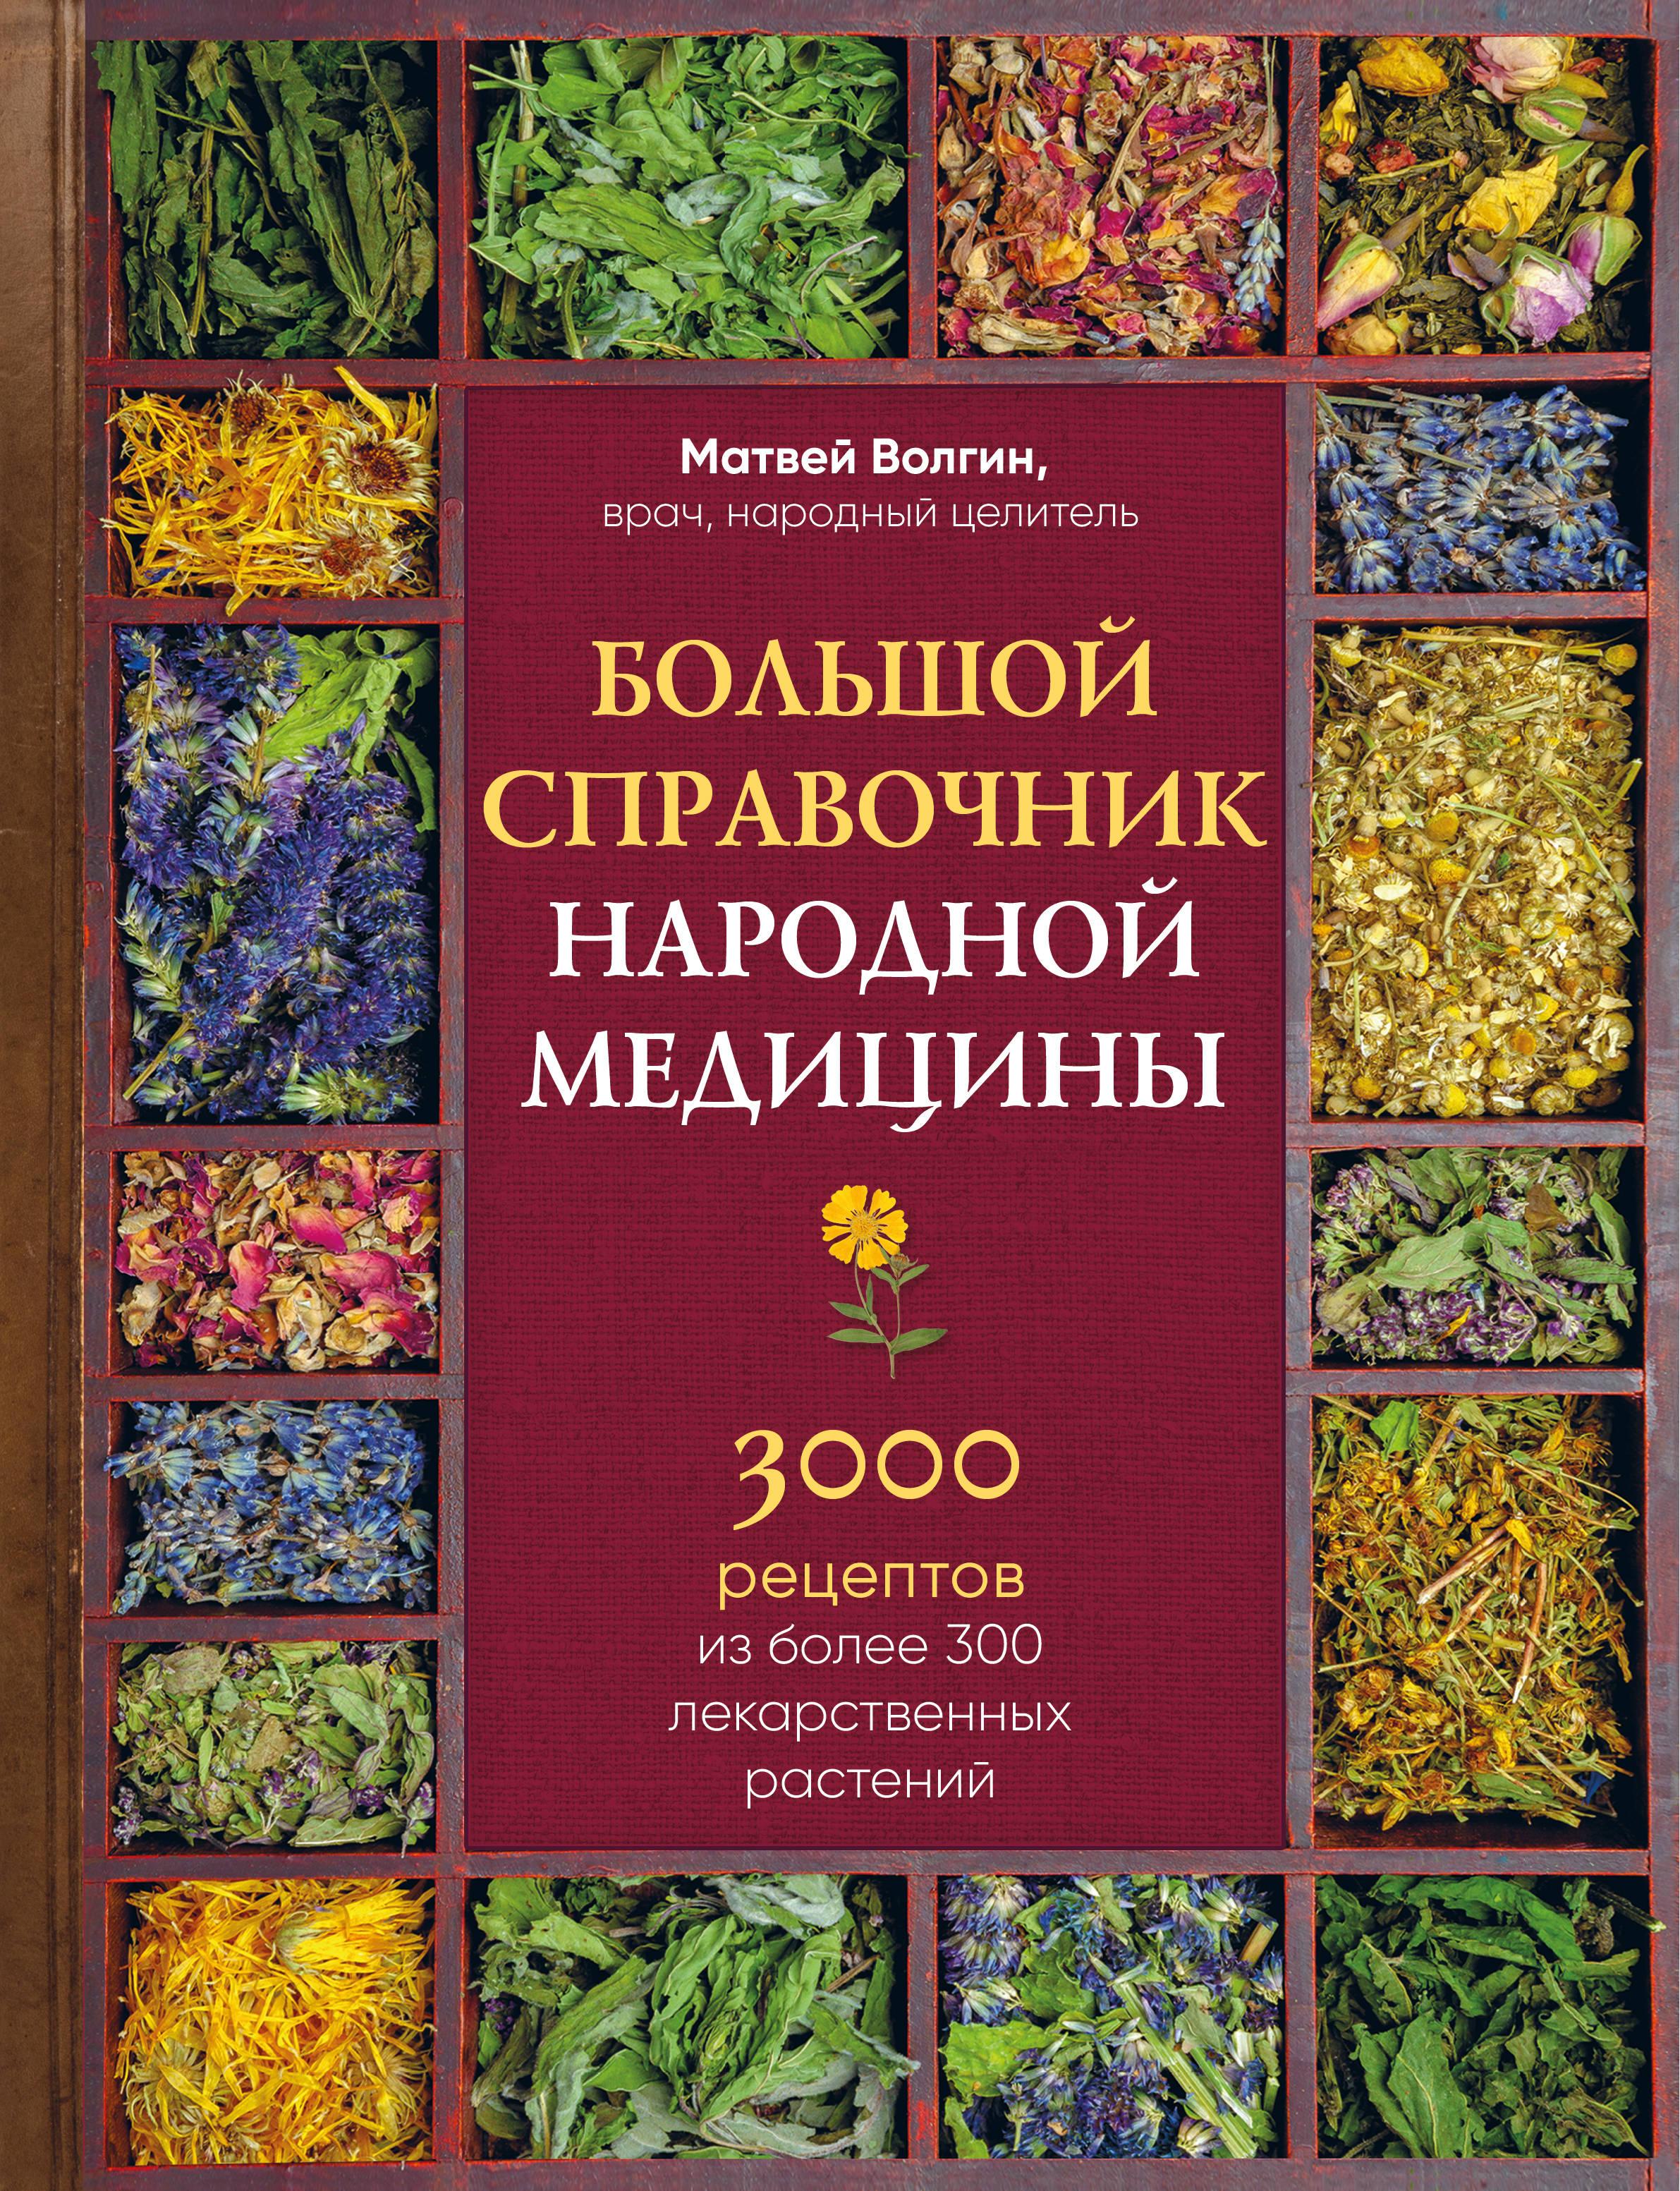 Волгин Матвей Большой справочник народной медицины. 3000 рецептов из более 300 лекарственных растений